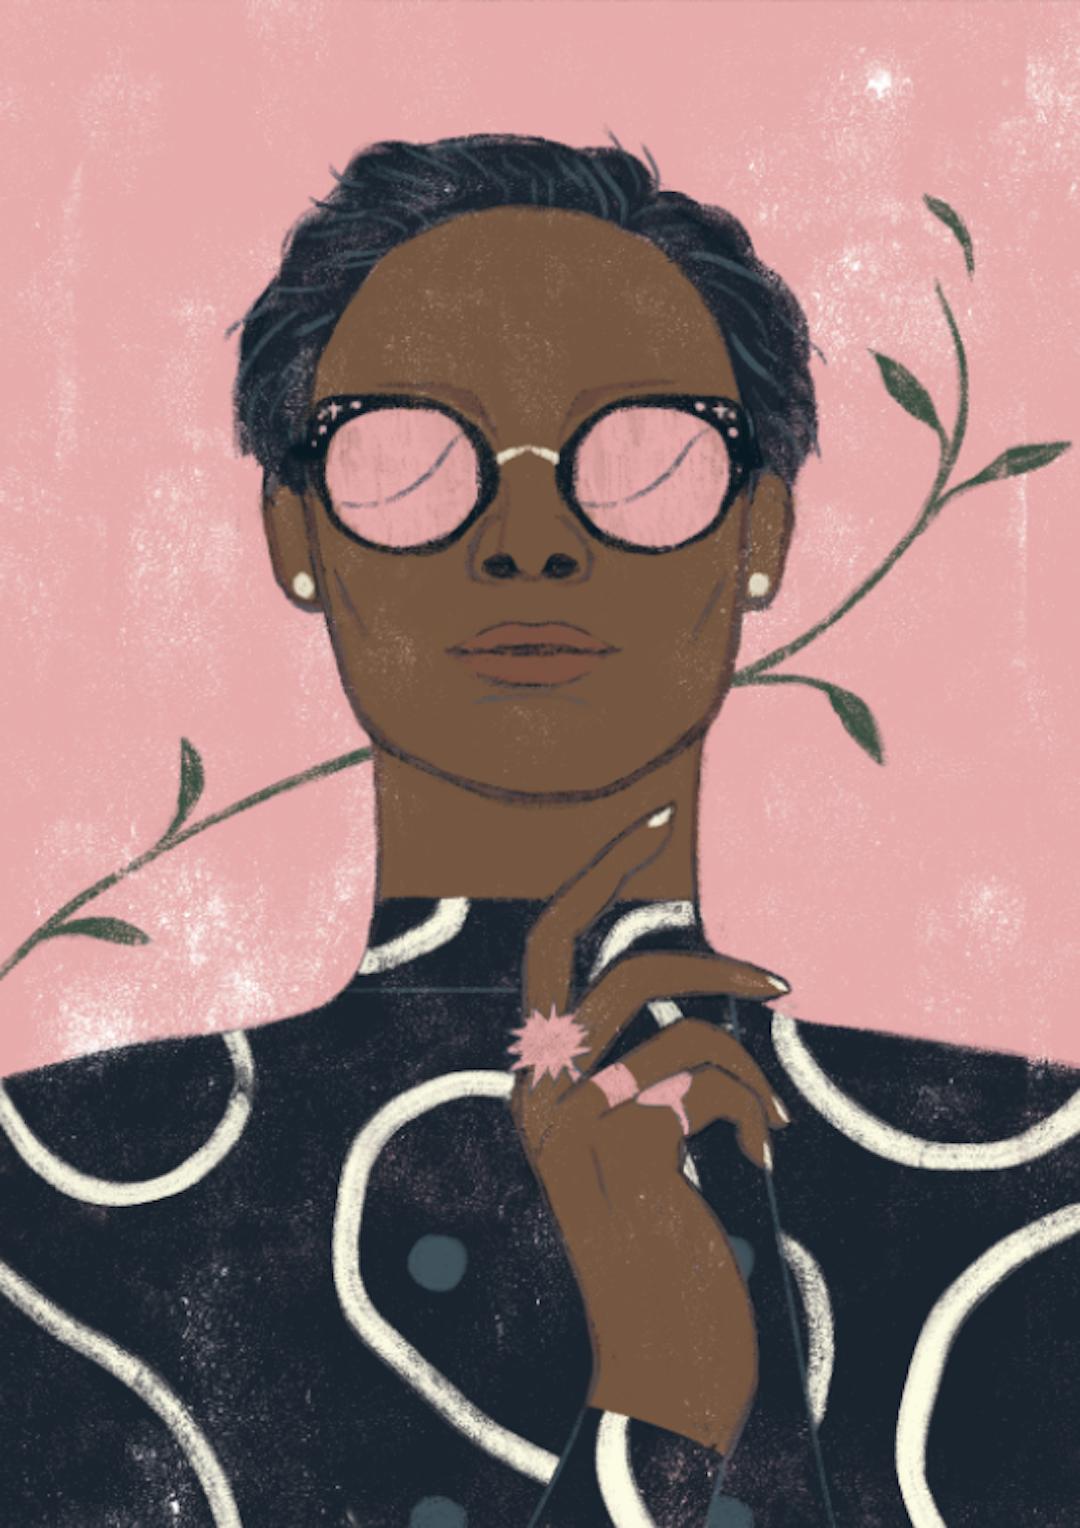 Pink illustration by Sander Berg